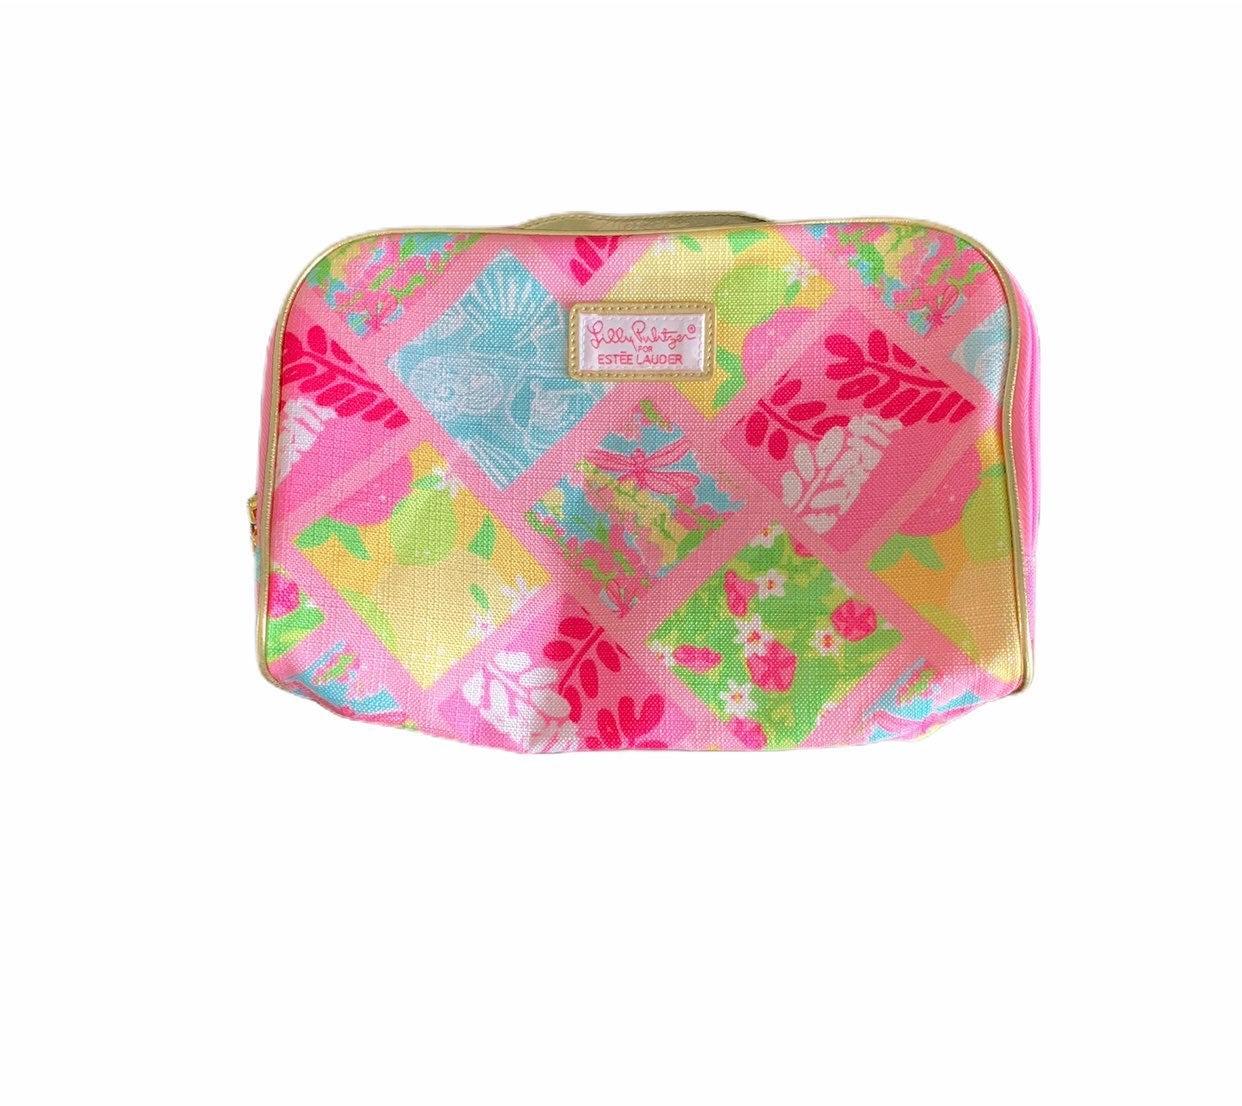 Lilly Pulitzer Makeup Bag